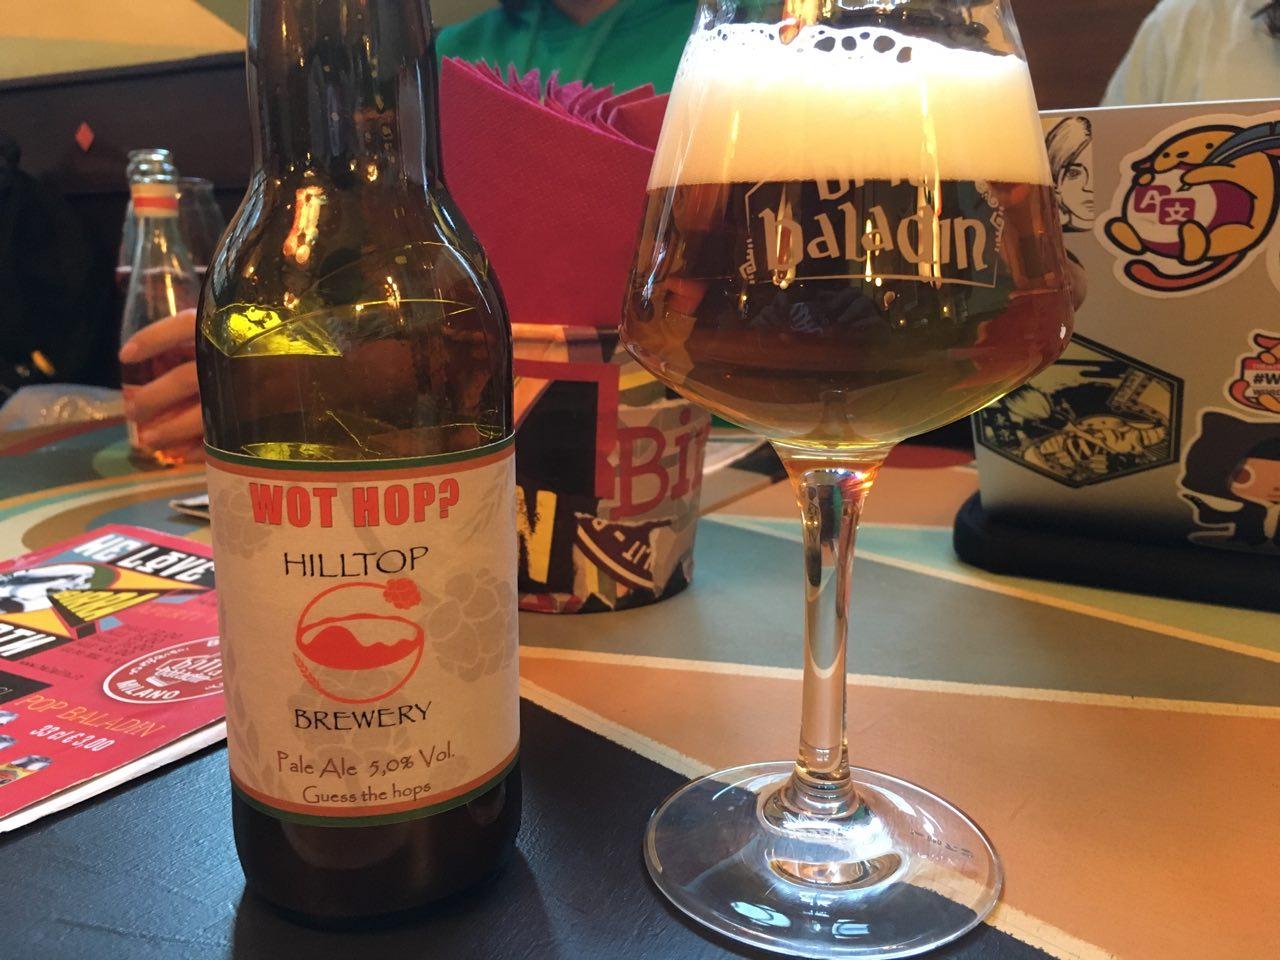 Wot Hop Hilltop Brewery